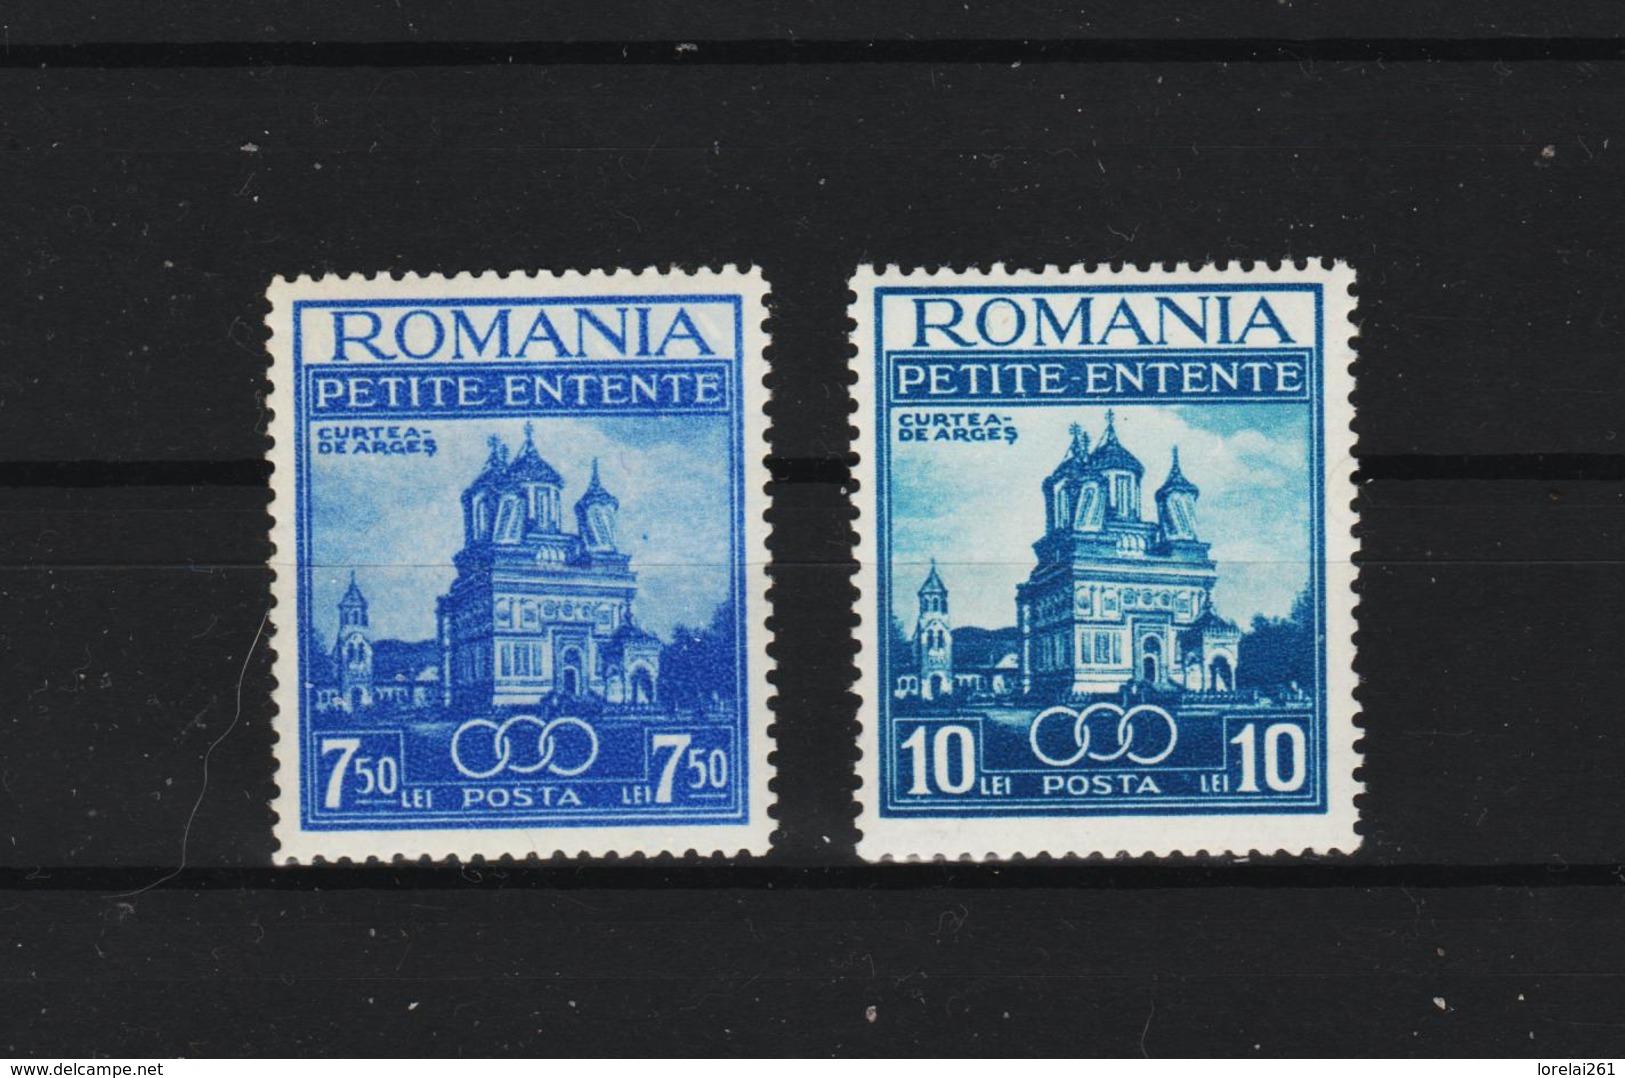 1937 - Petite Entente Mi No 536/537  MNH - Ungebraucht